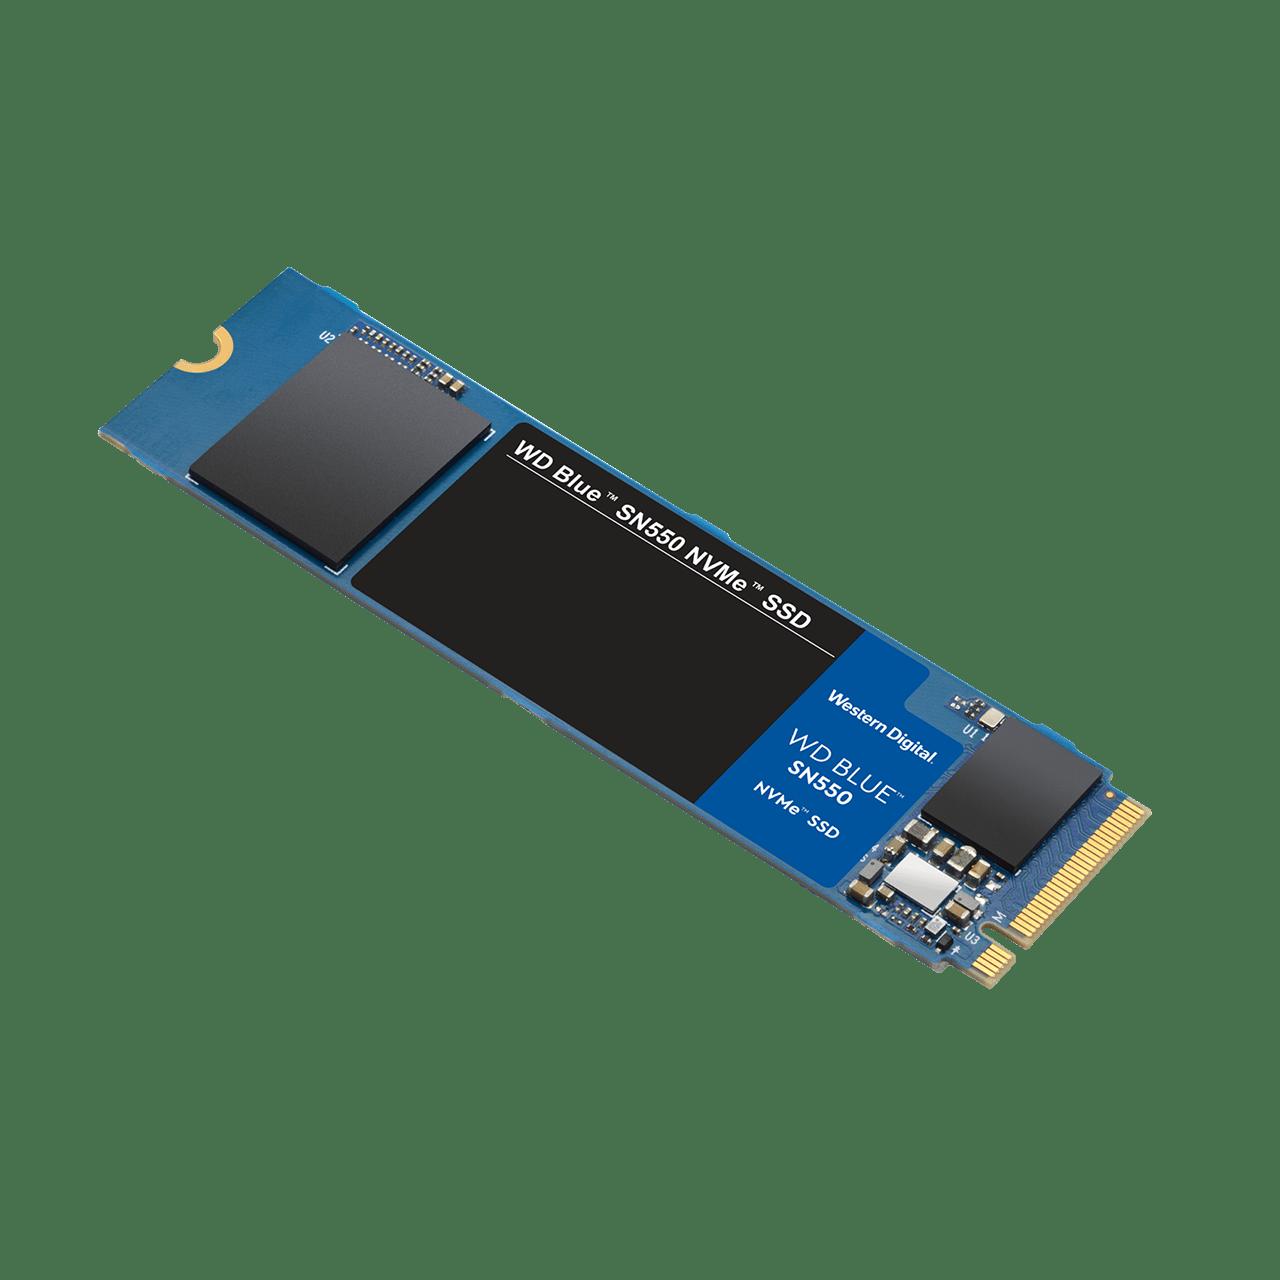 Накопитель твердотельный WD Твердотельный накопитель SSD WD Blue SN550 WDS100T2B0C 1ТБ M2.2280 NVMe PCIe Gen3